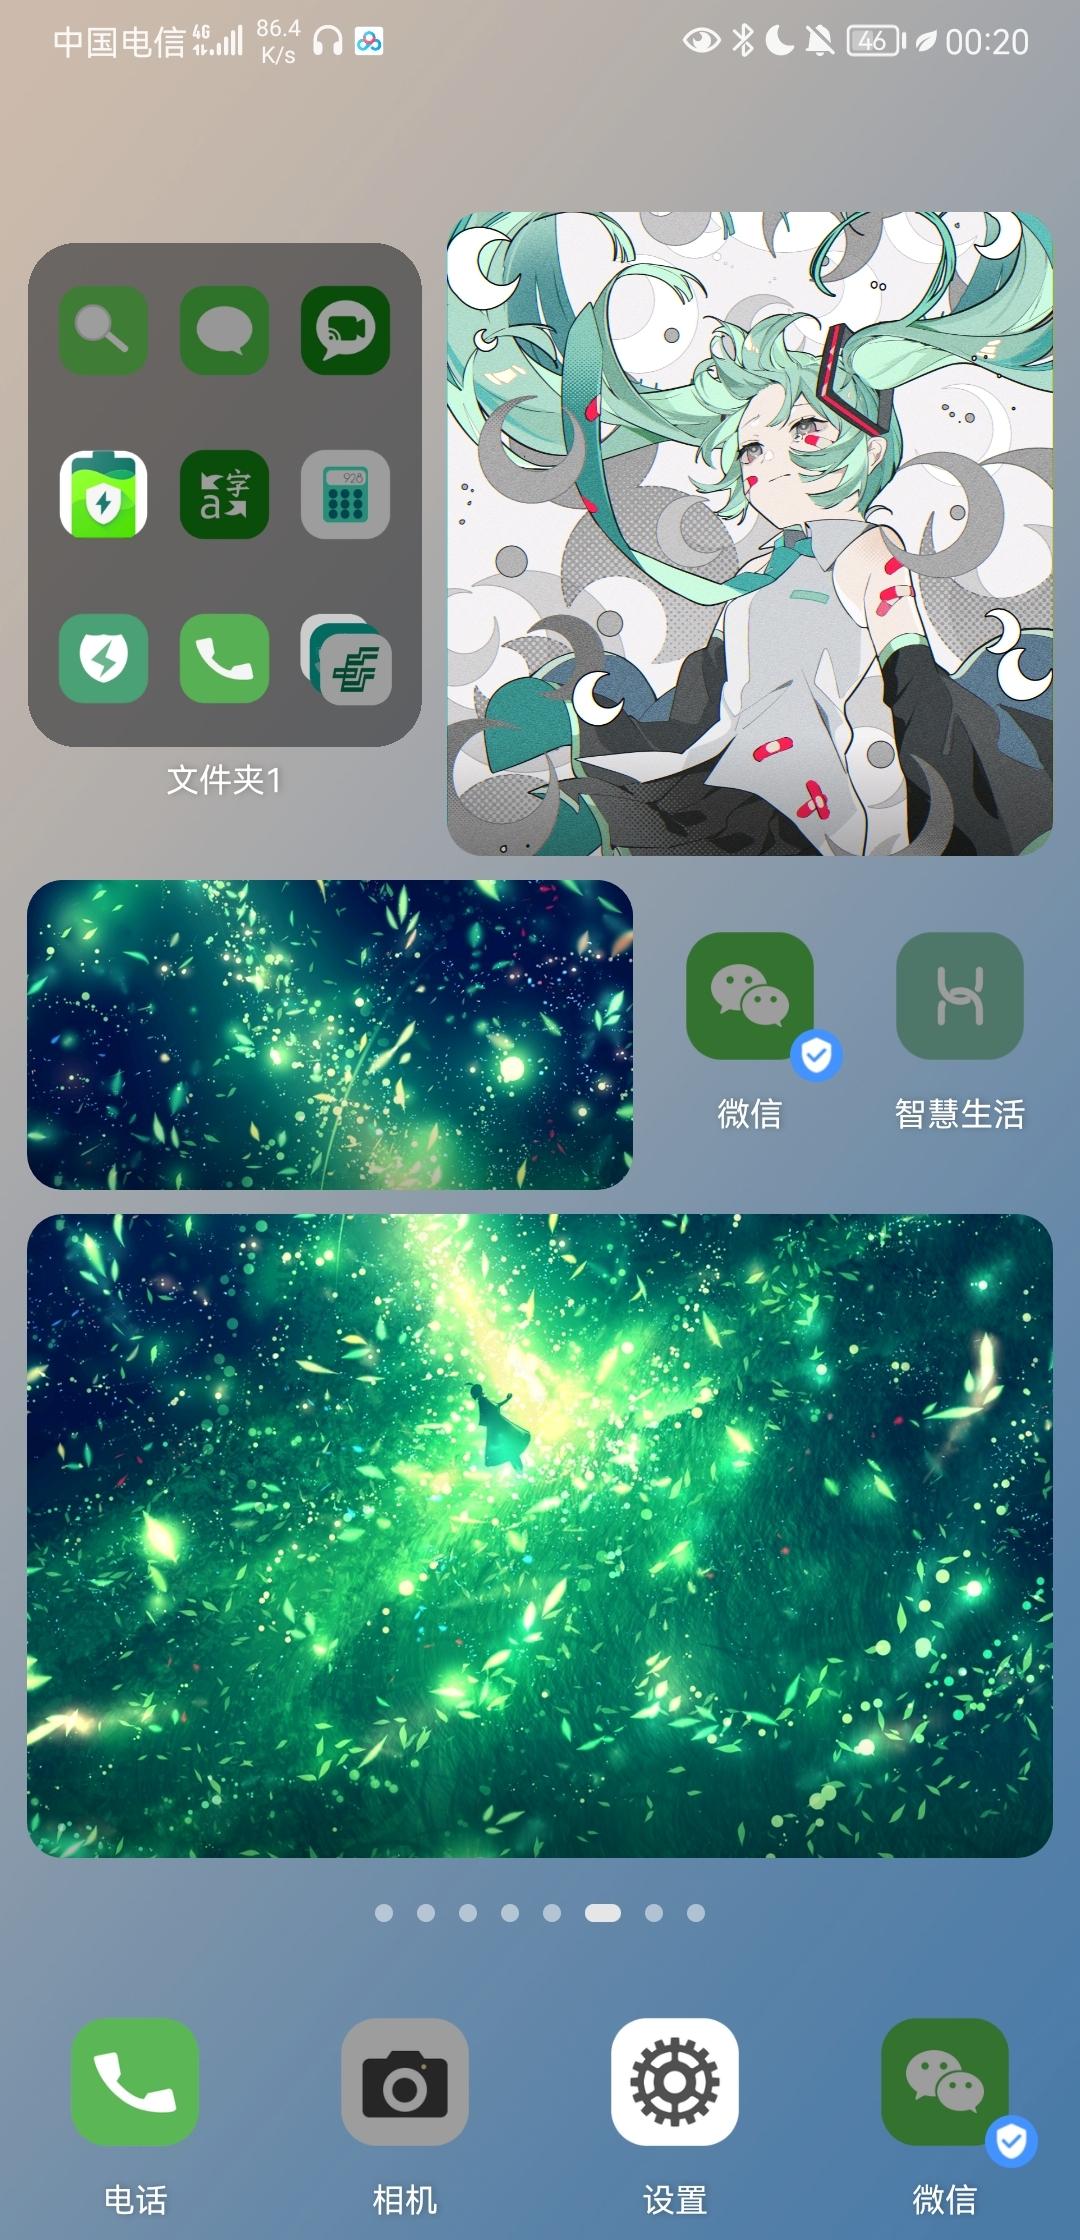 Screenshot_20210923_002000_com.huawei.android.launcher.jpg